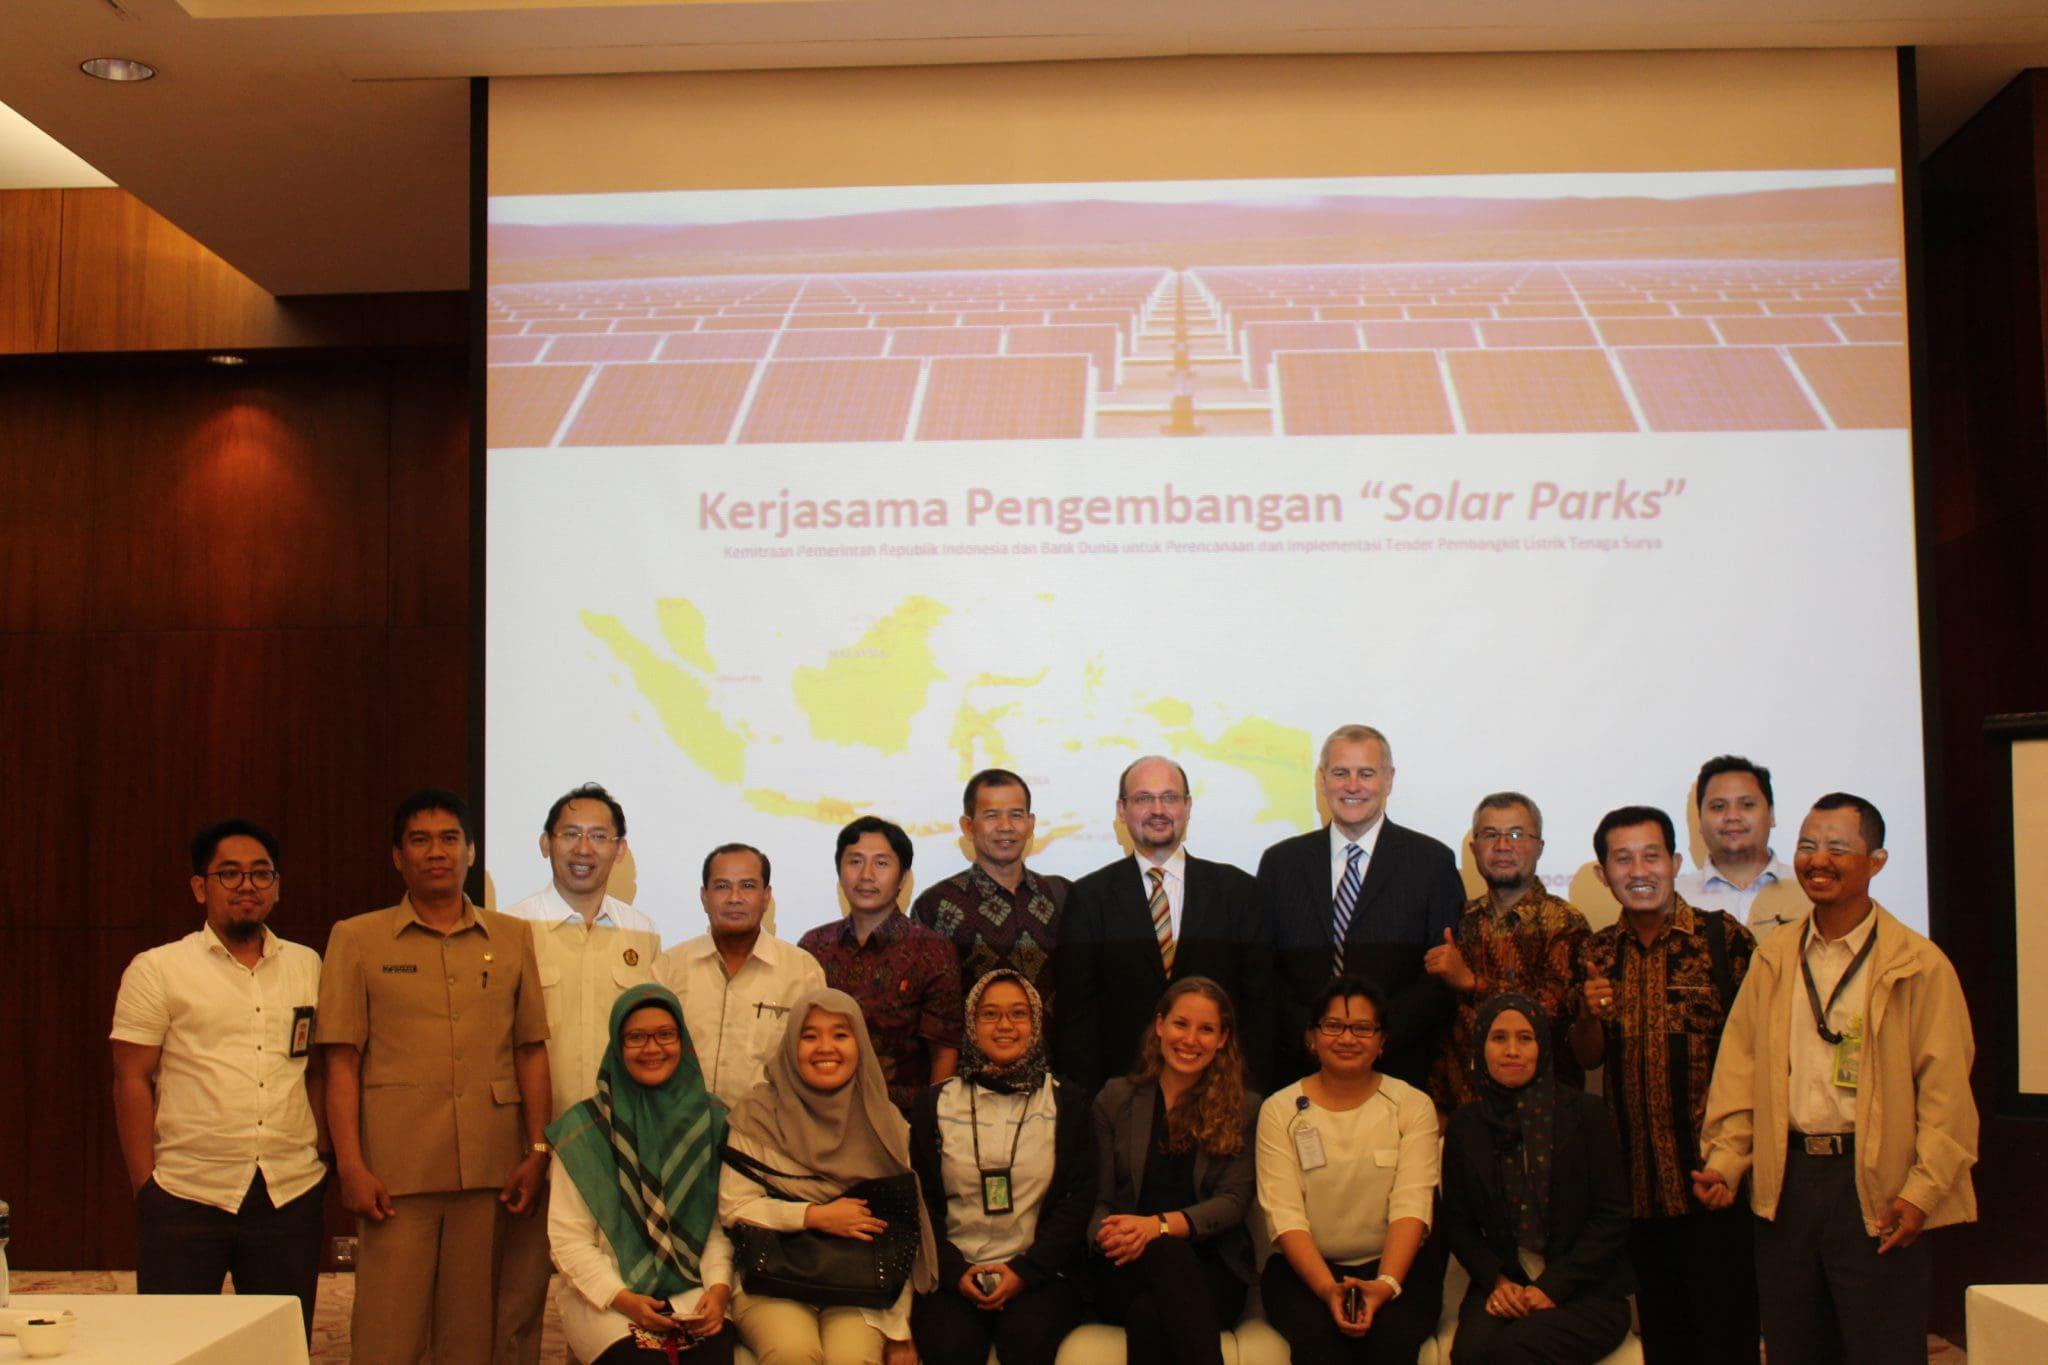 """Kerja sama Pemerintah Republik Indonesia dan Bank Dunia Tentang Pengembangan """"Solar Parks"""" di Indonesia"""